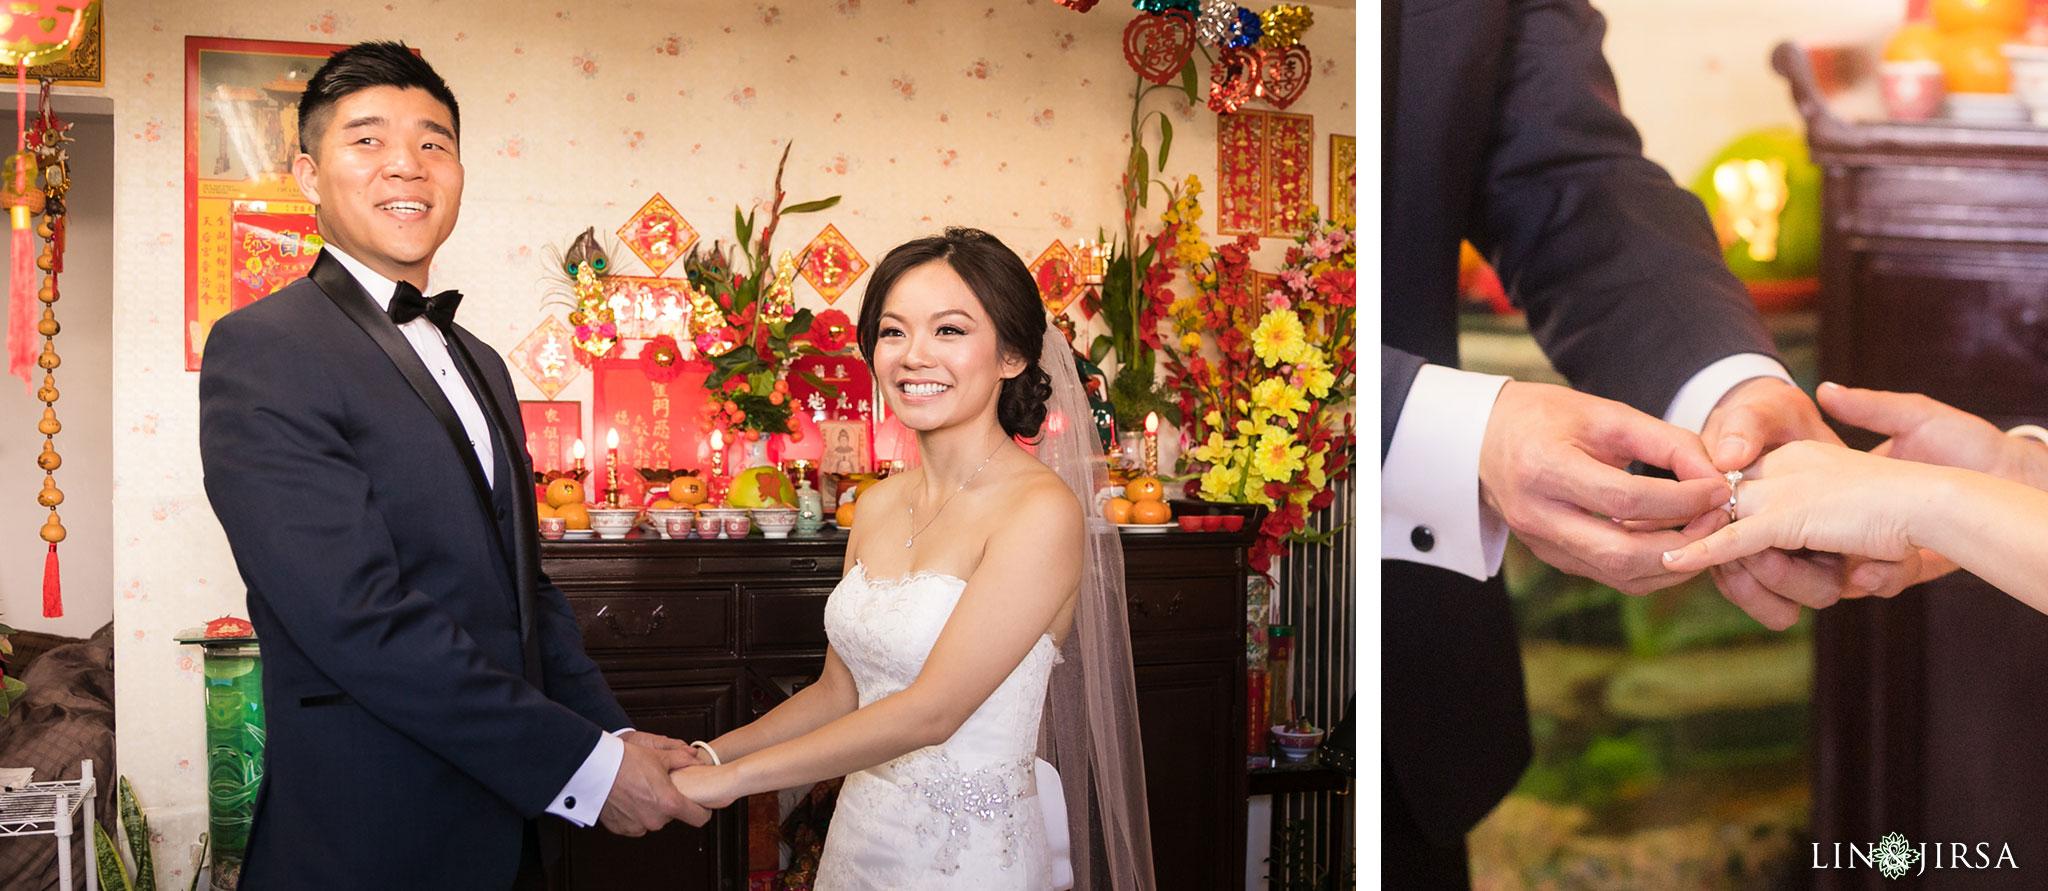 10 orange county wedding tea ceremony photography